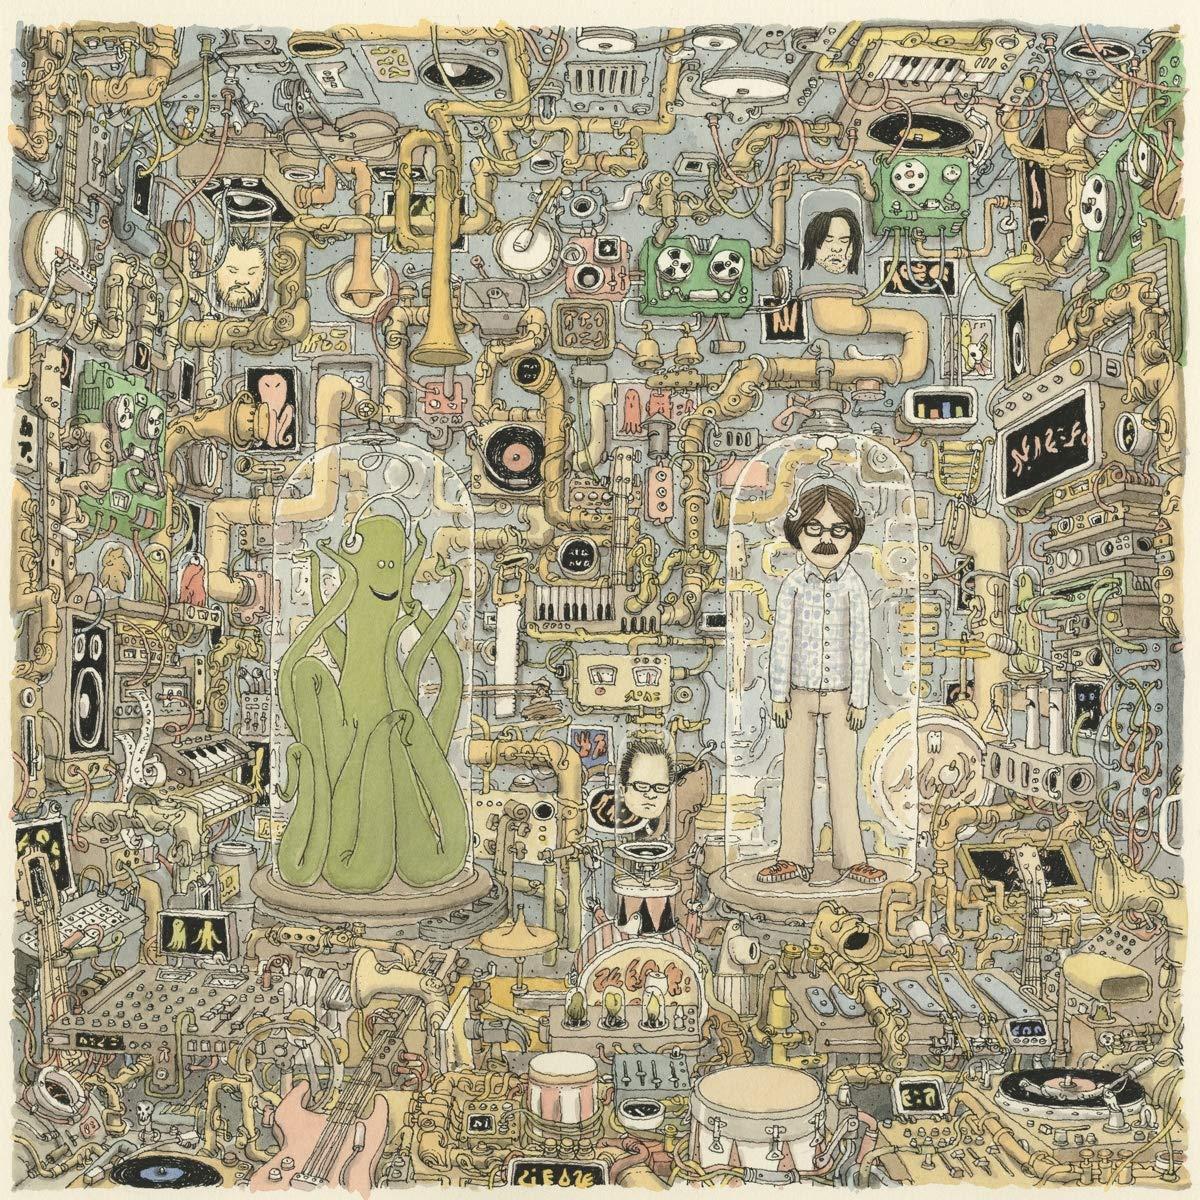 weezer группа альбом ok human рецензия обзор 2021